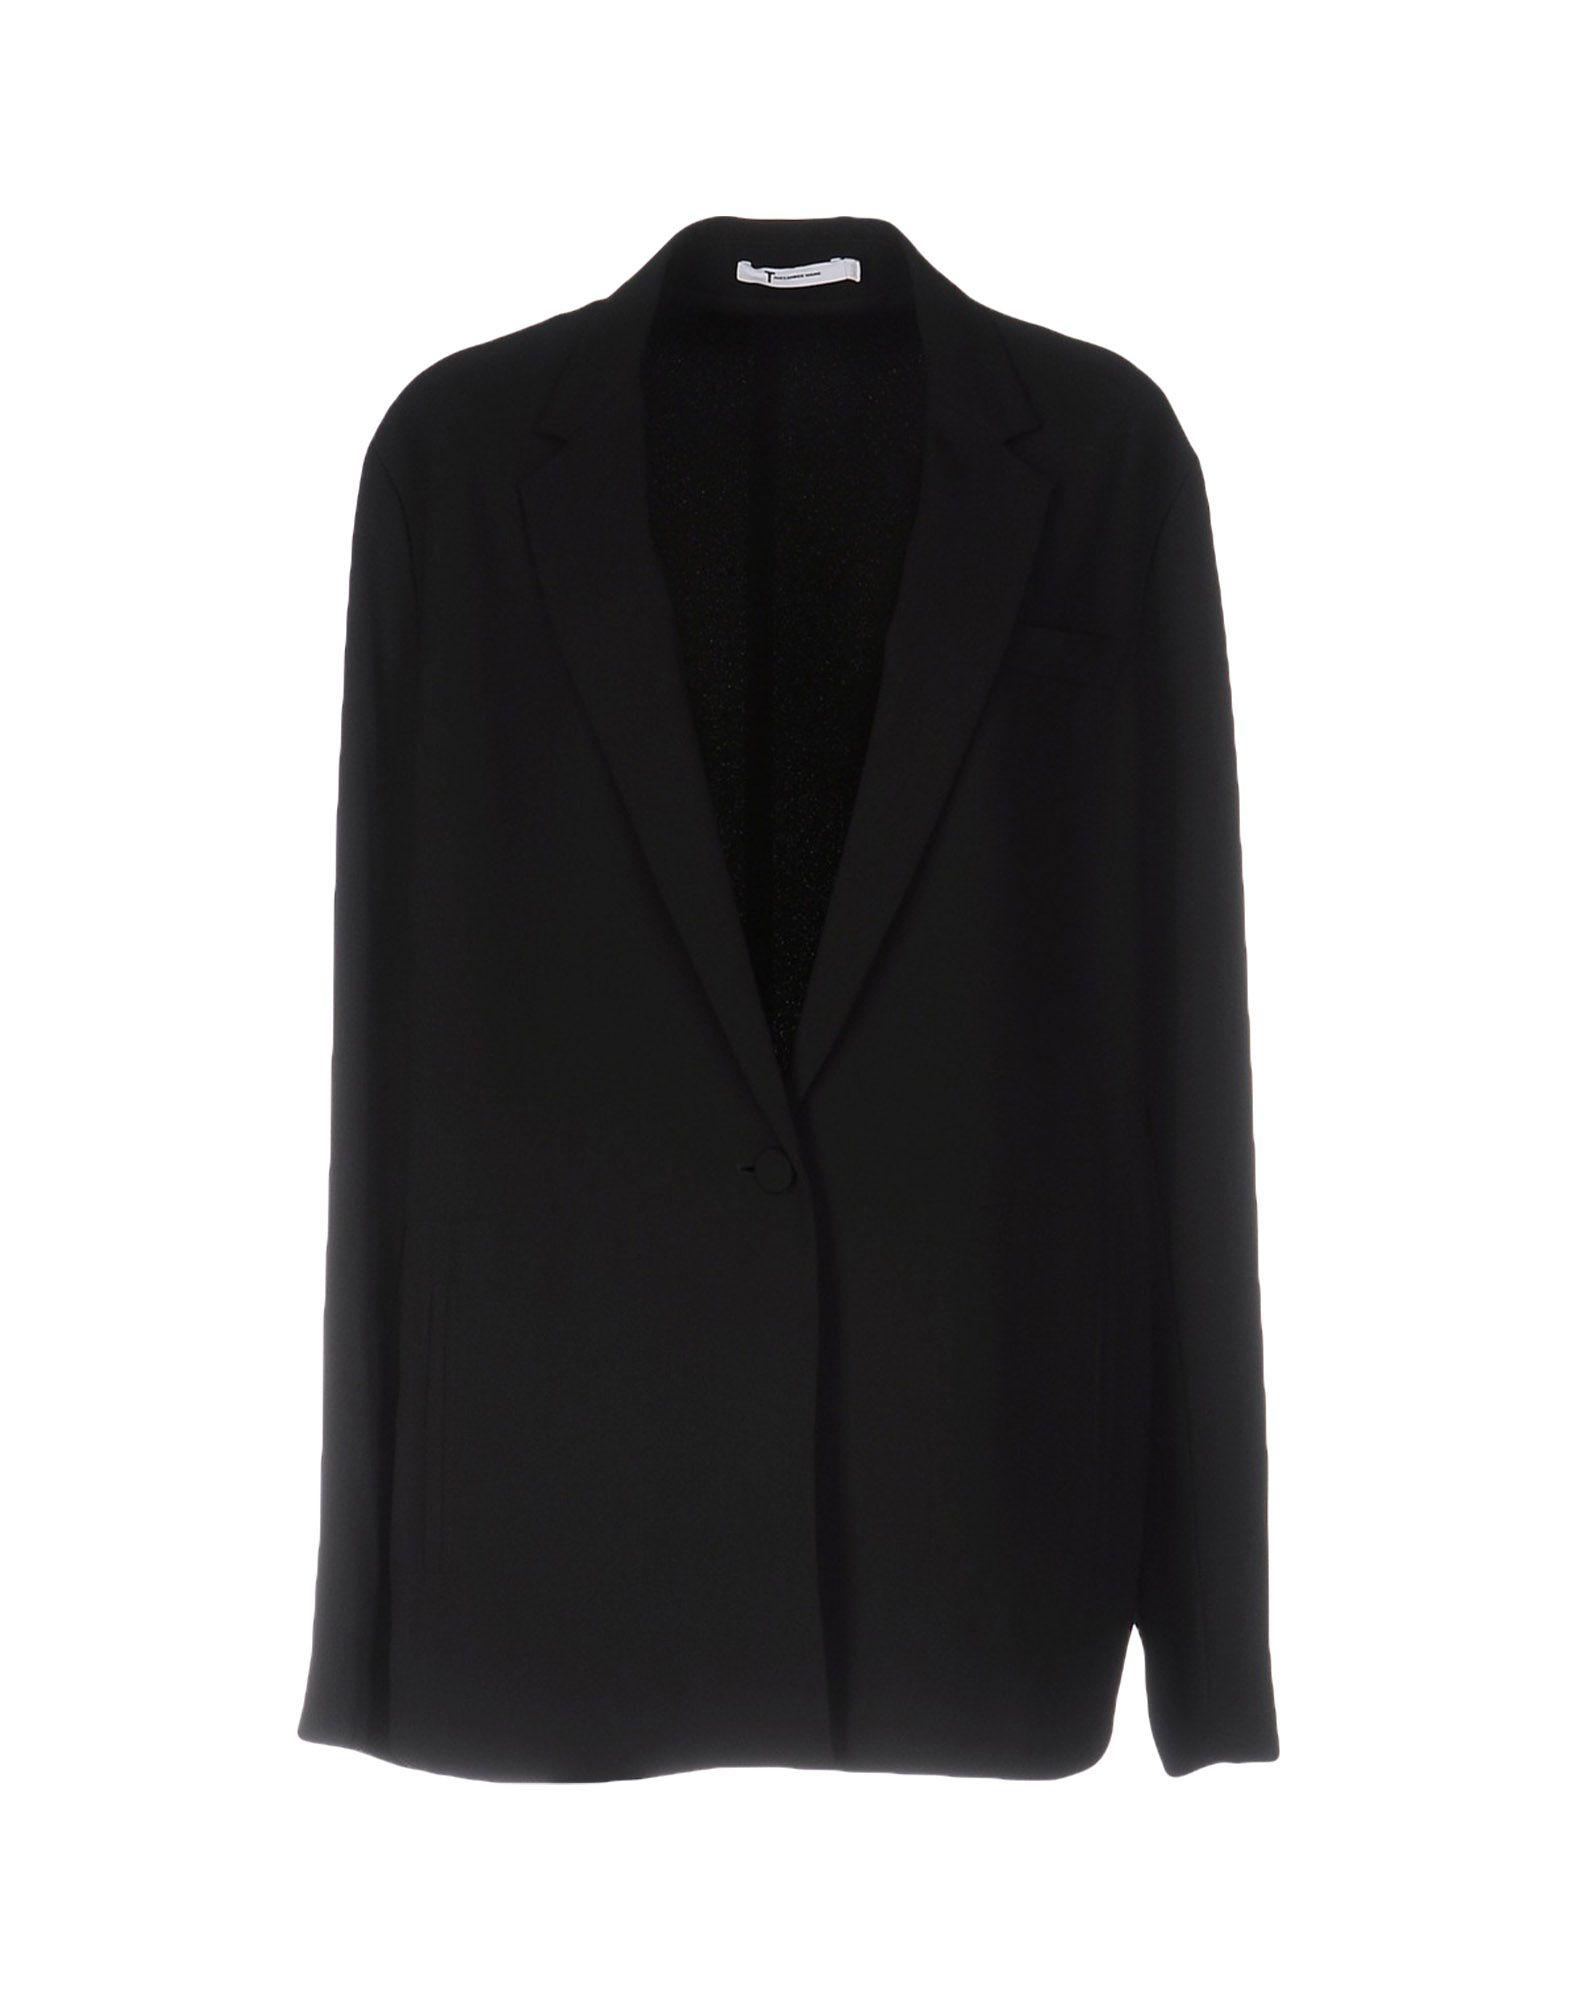 ALEXANDER WANG Damen Jackett Farbe Schwarz Größe 5 - broschei